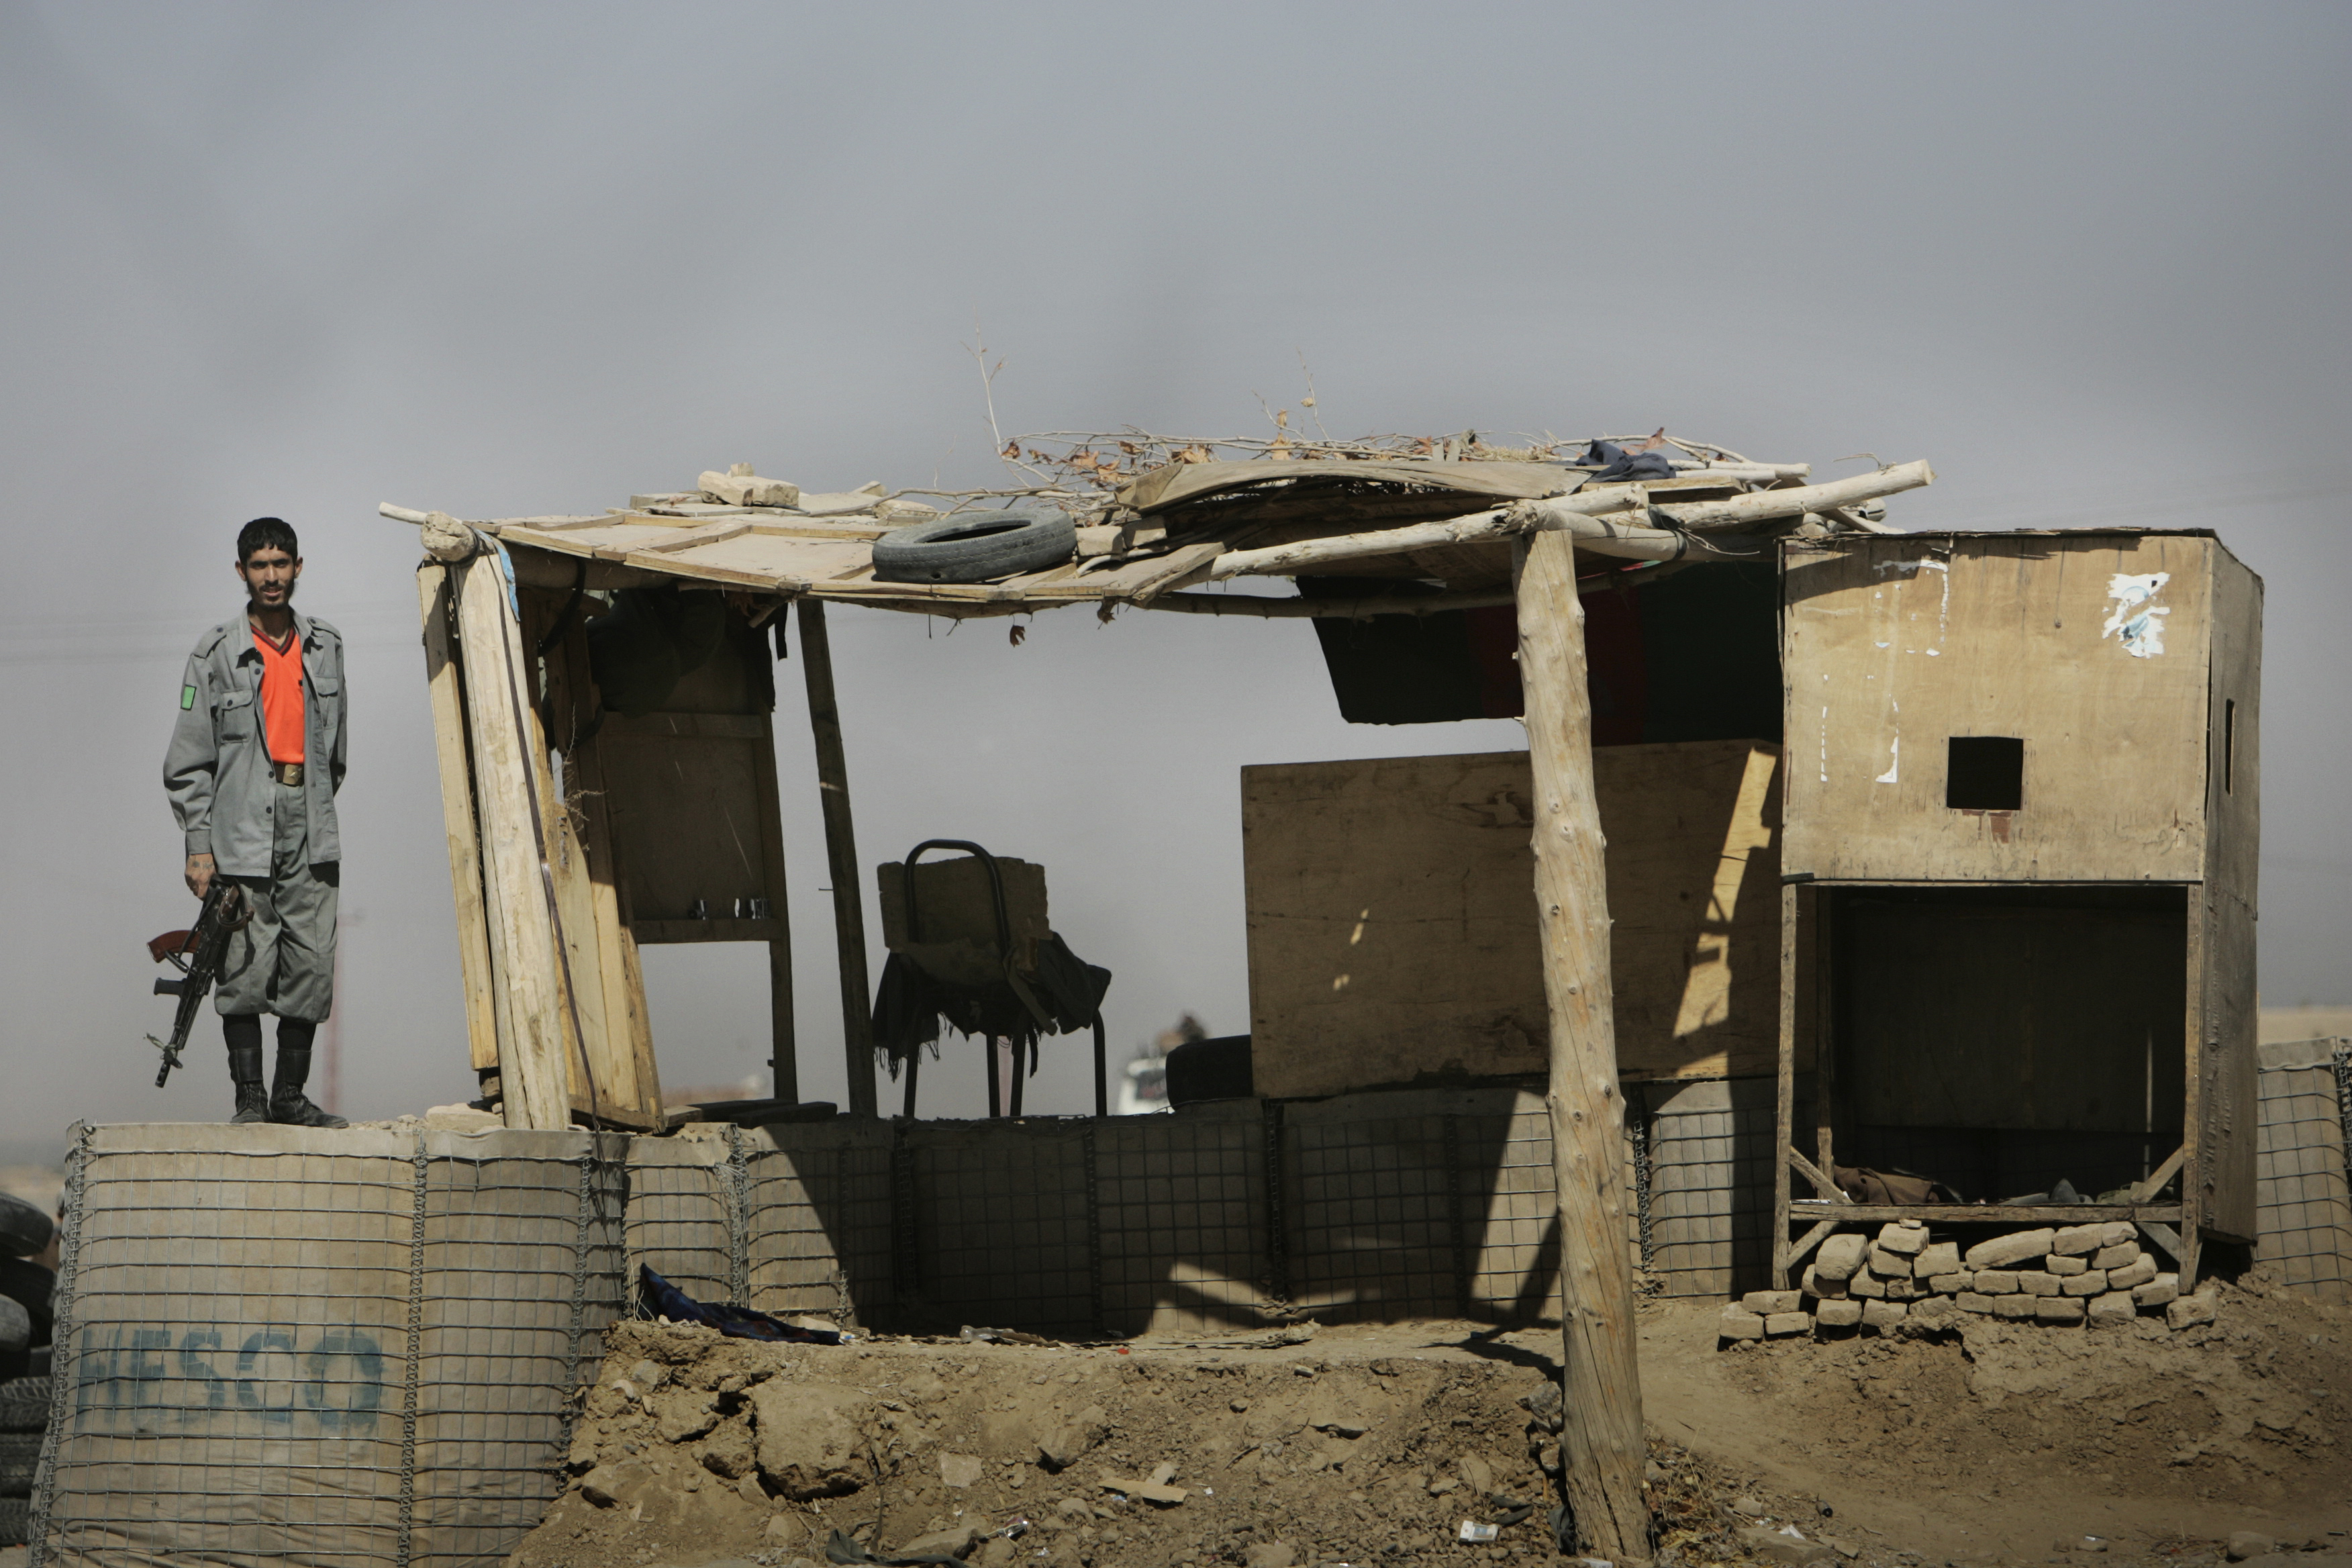 La police corrompue a peu de moyens pour combattre les Taliban, essuyant de nombreuses pertes humaines. Le poste de police à l'entrée de Kandahar, point stratégique, n'impréssionne pas.